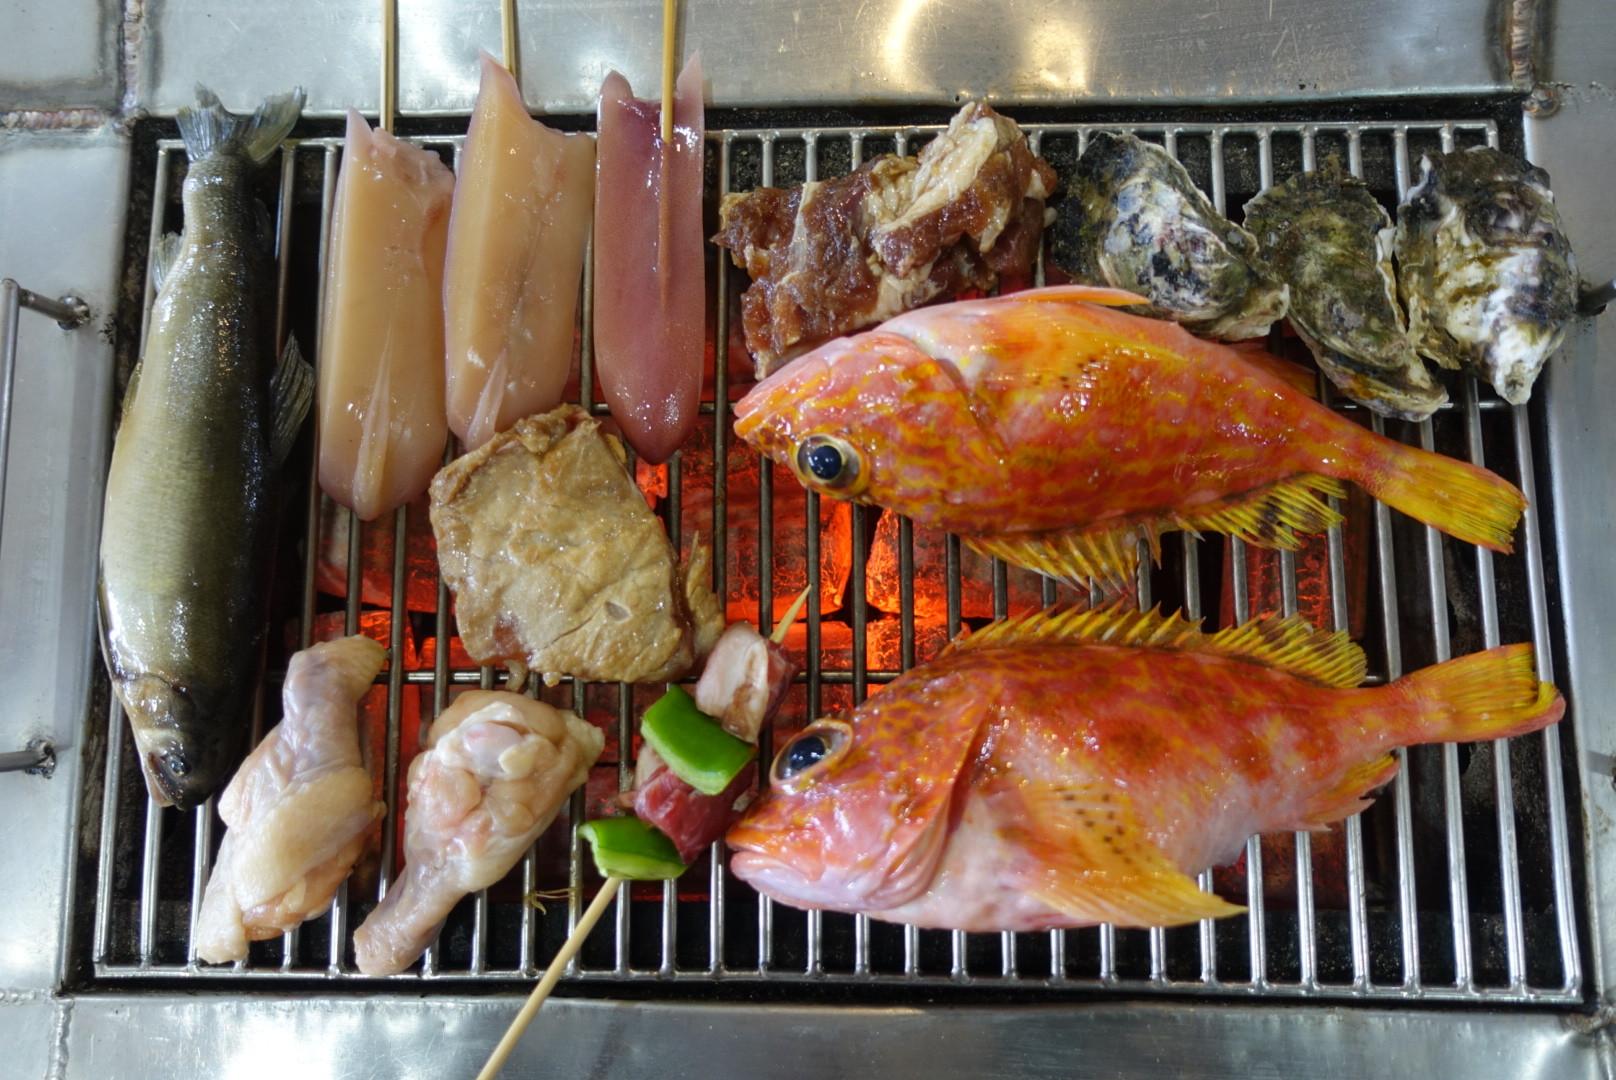 【宜蘭壯圍】海世界複合式燒烤|各式新鮮海魚烤好烤滿吃到飽